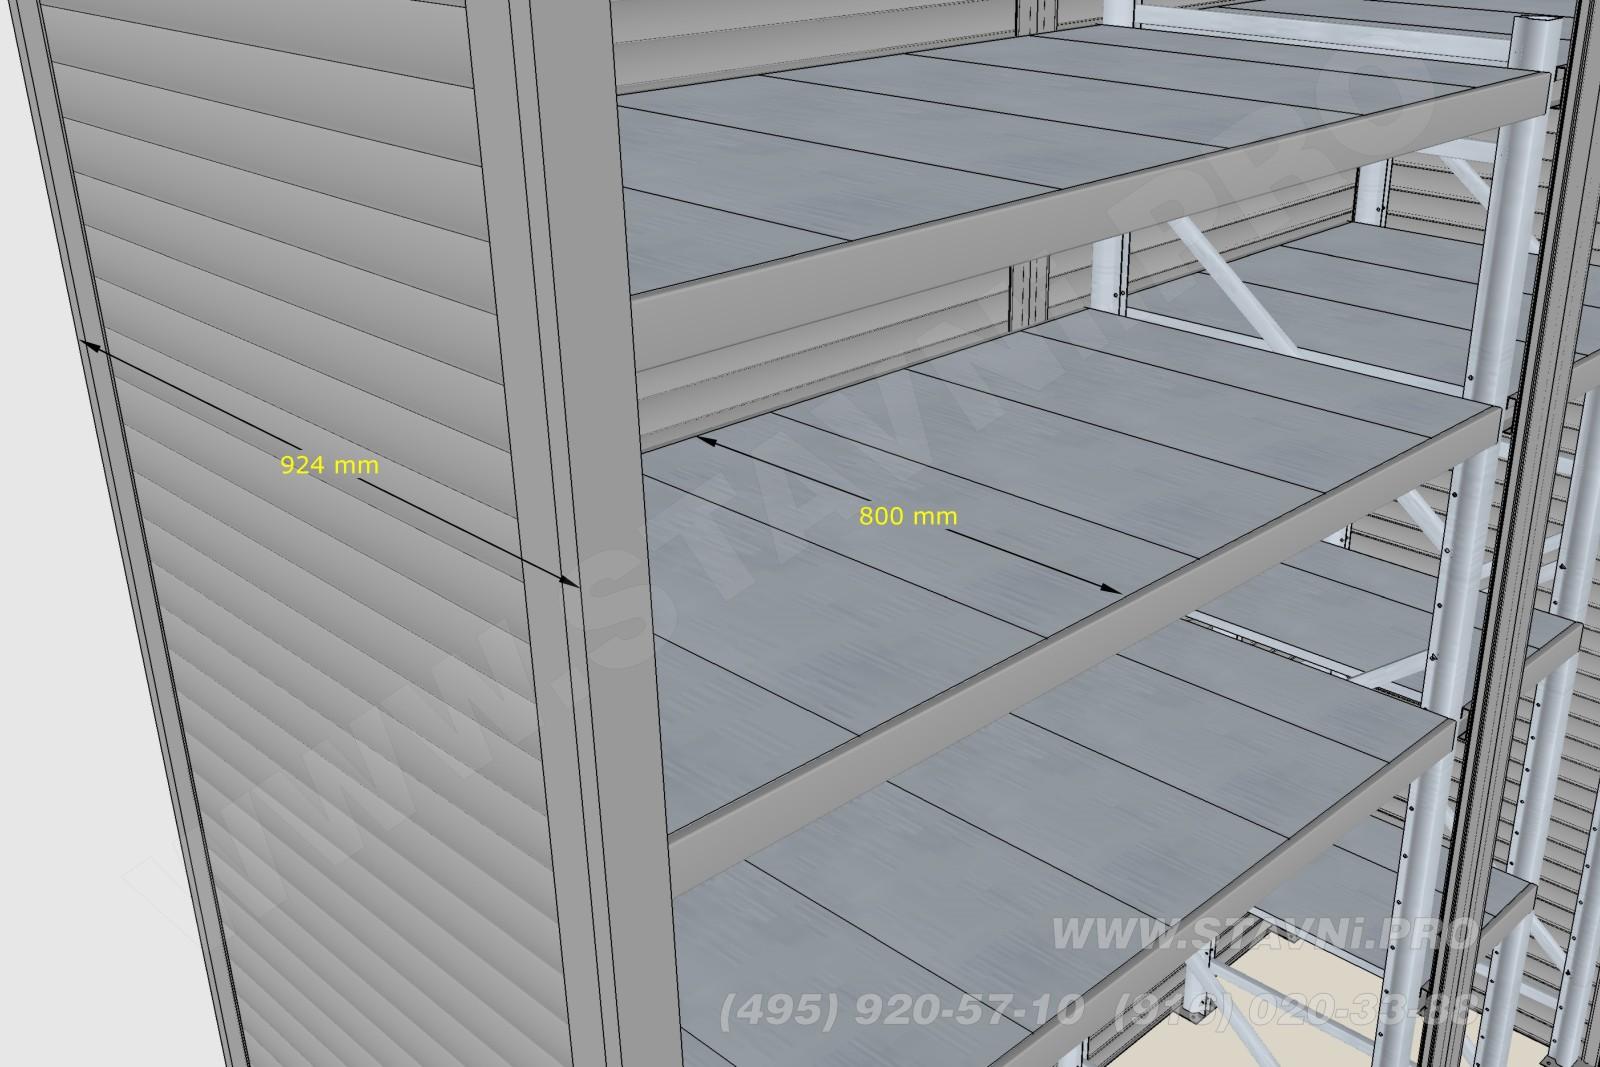 Размеры полок и глубина роллетного шкафа в Скайфорте